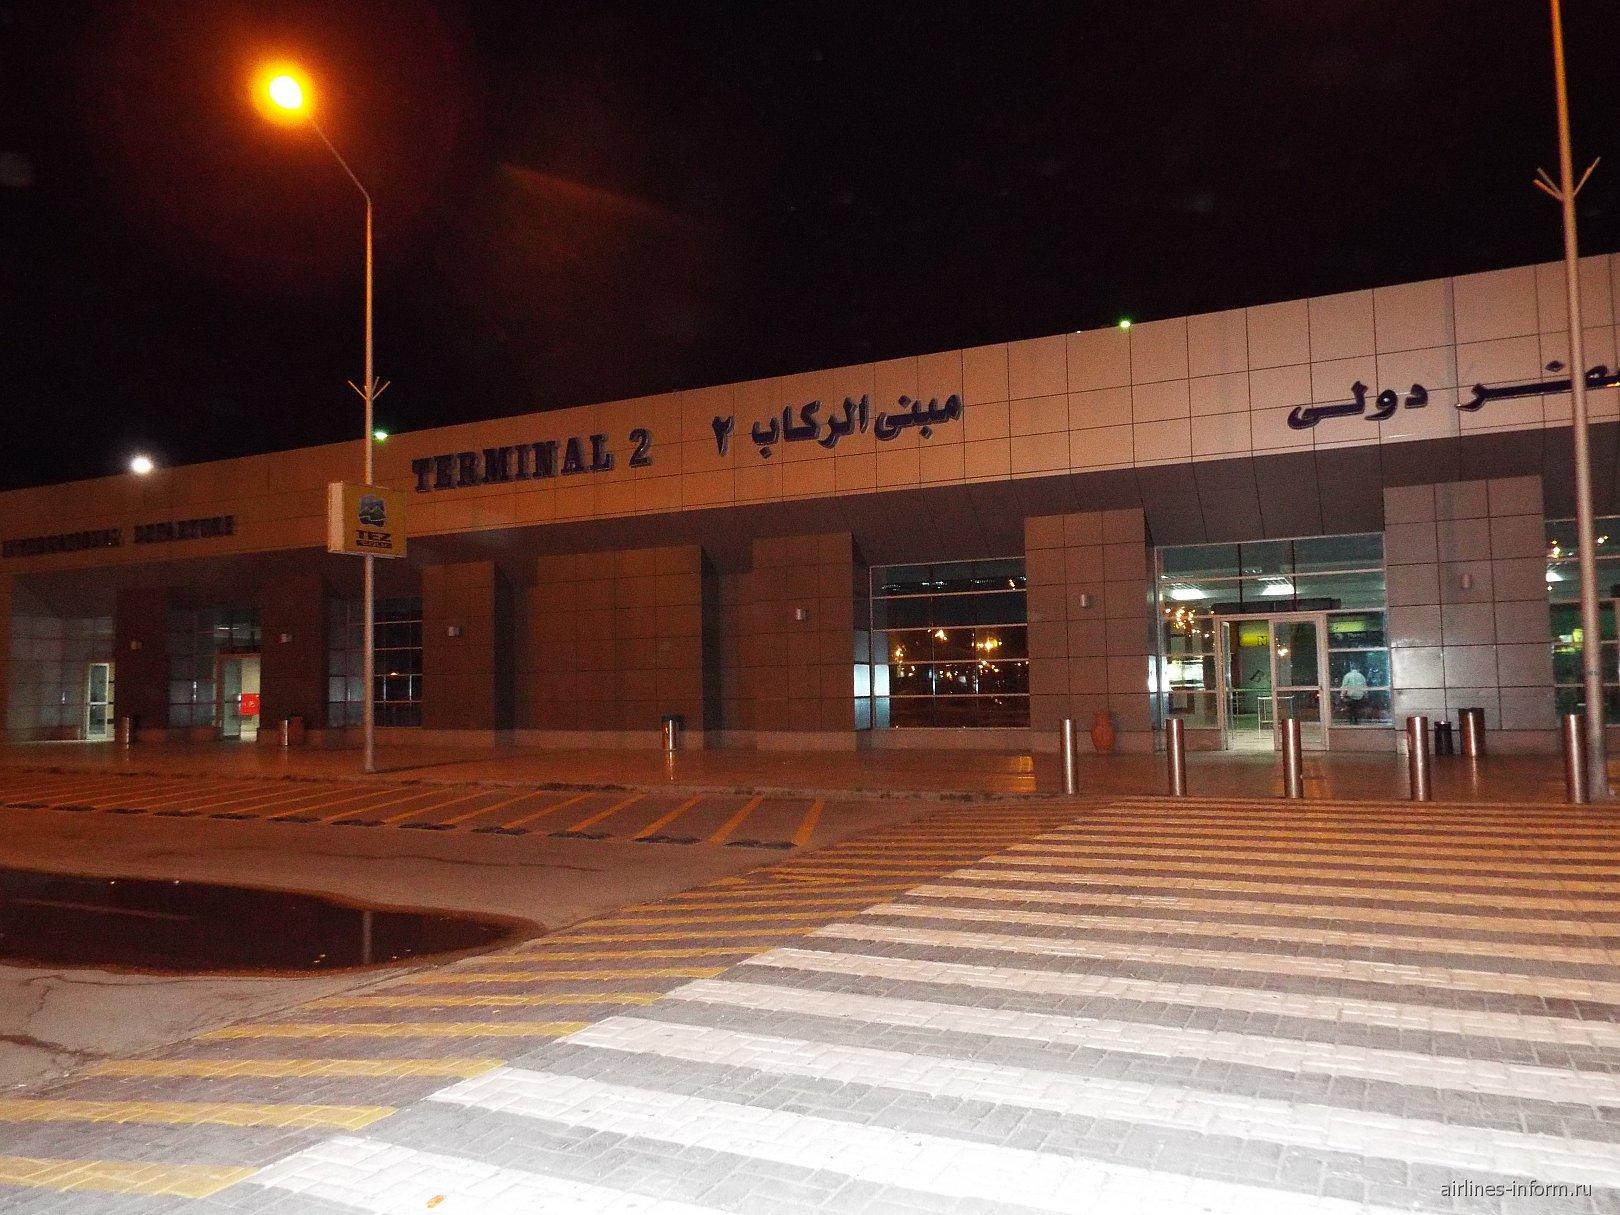 Вход в терминал 2 аэропорт Хургада